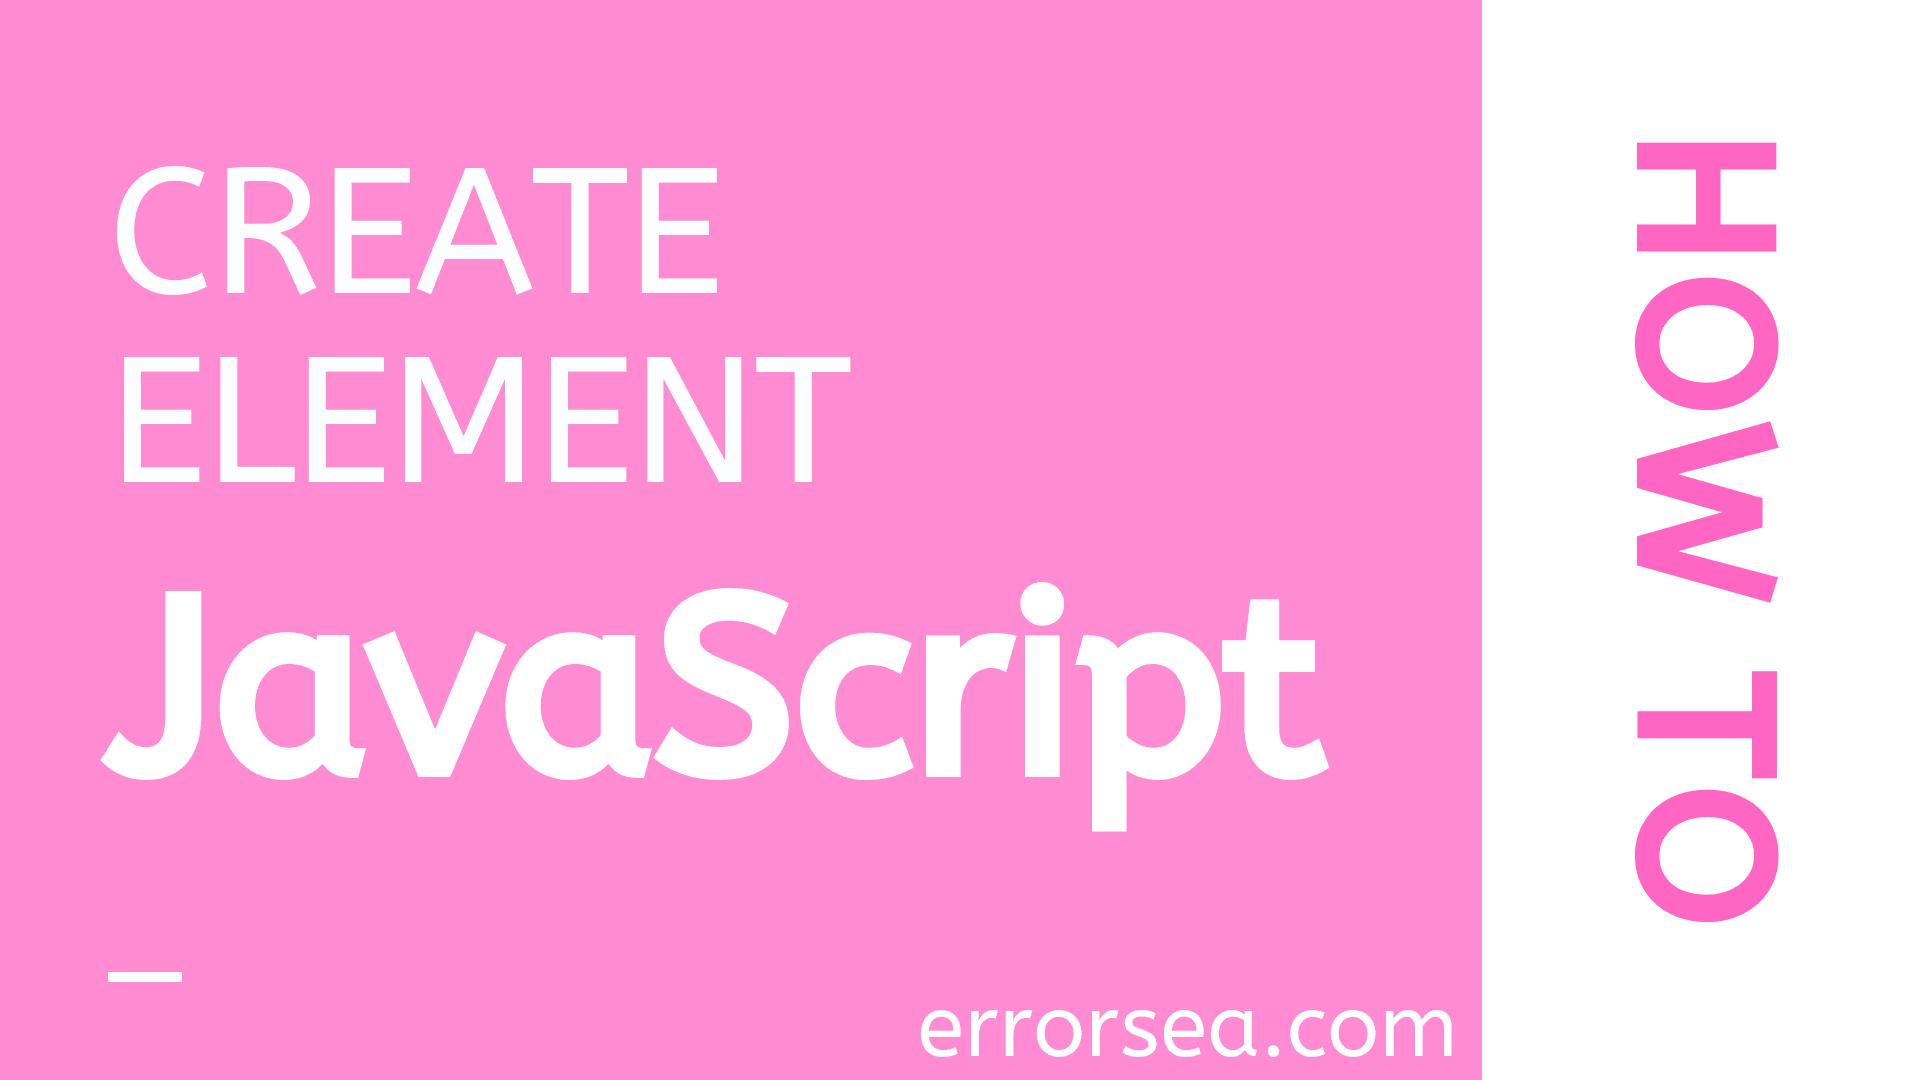 Create Element JavaScript